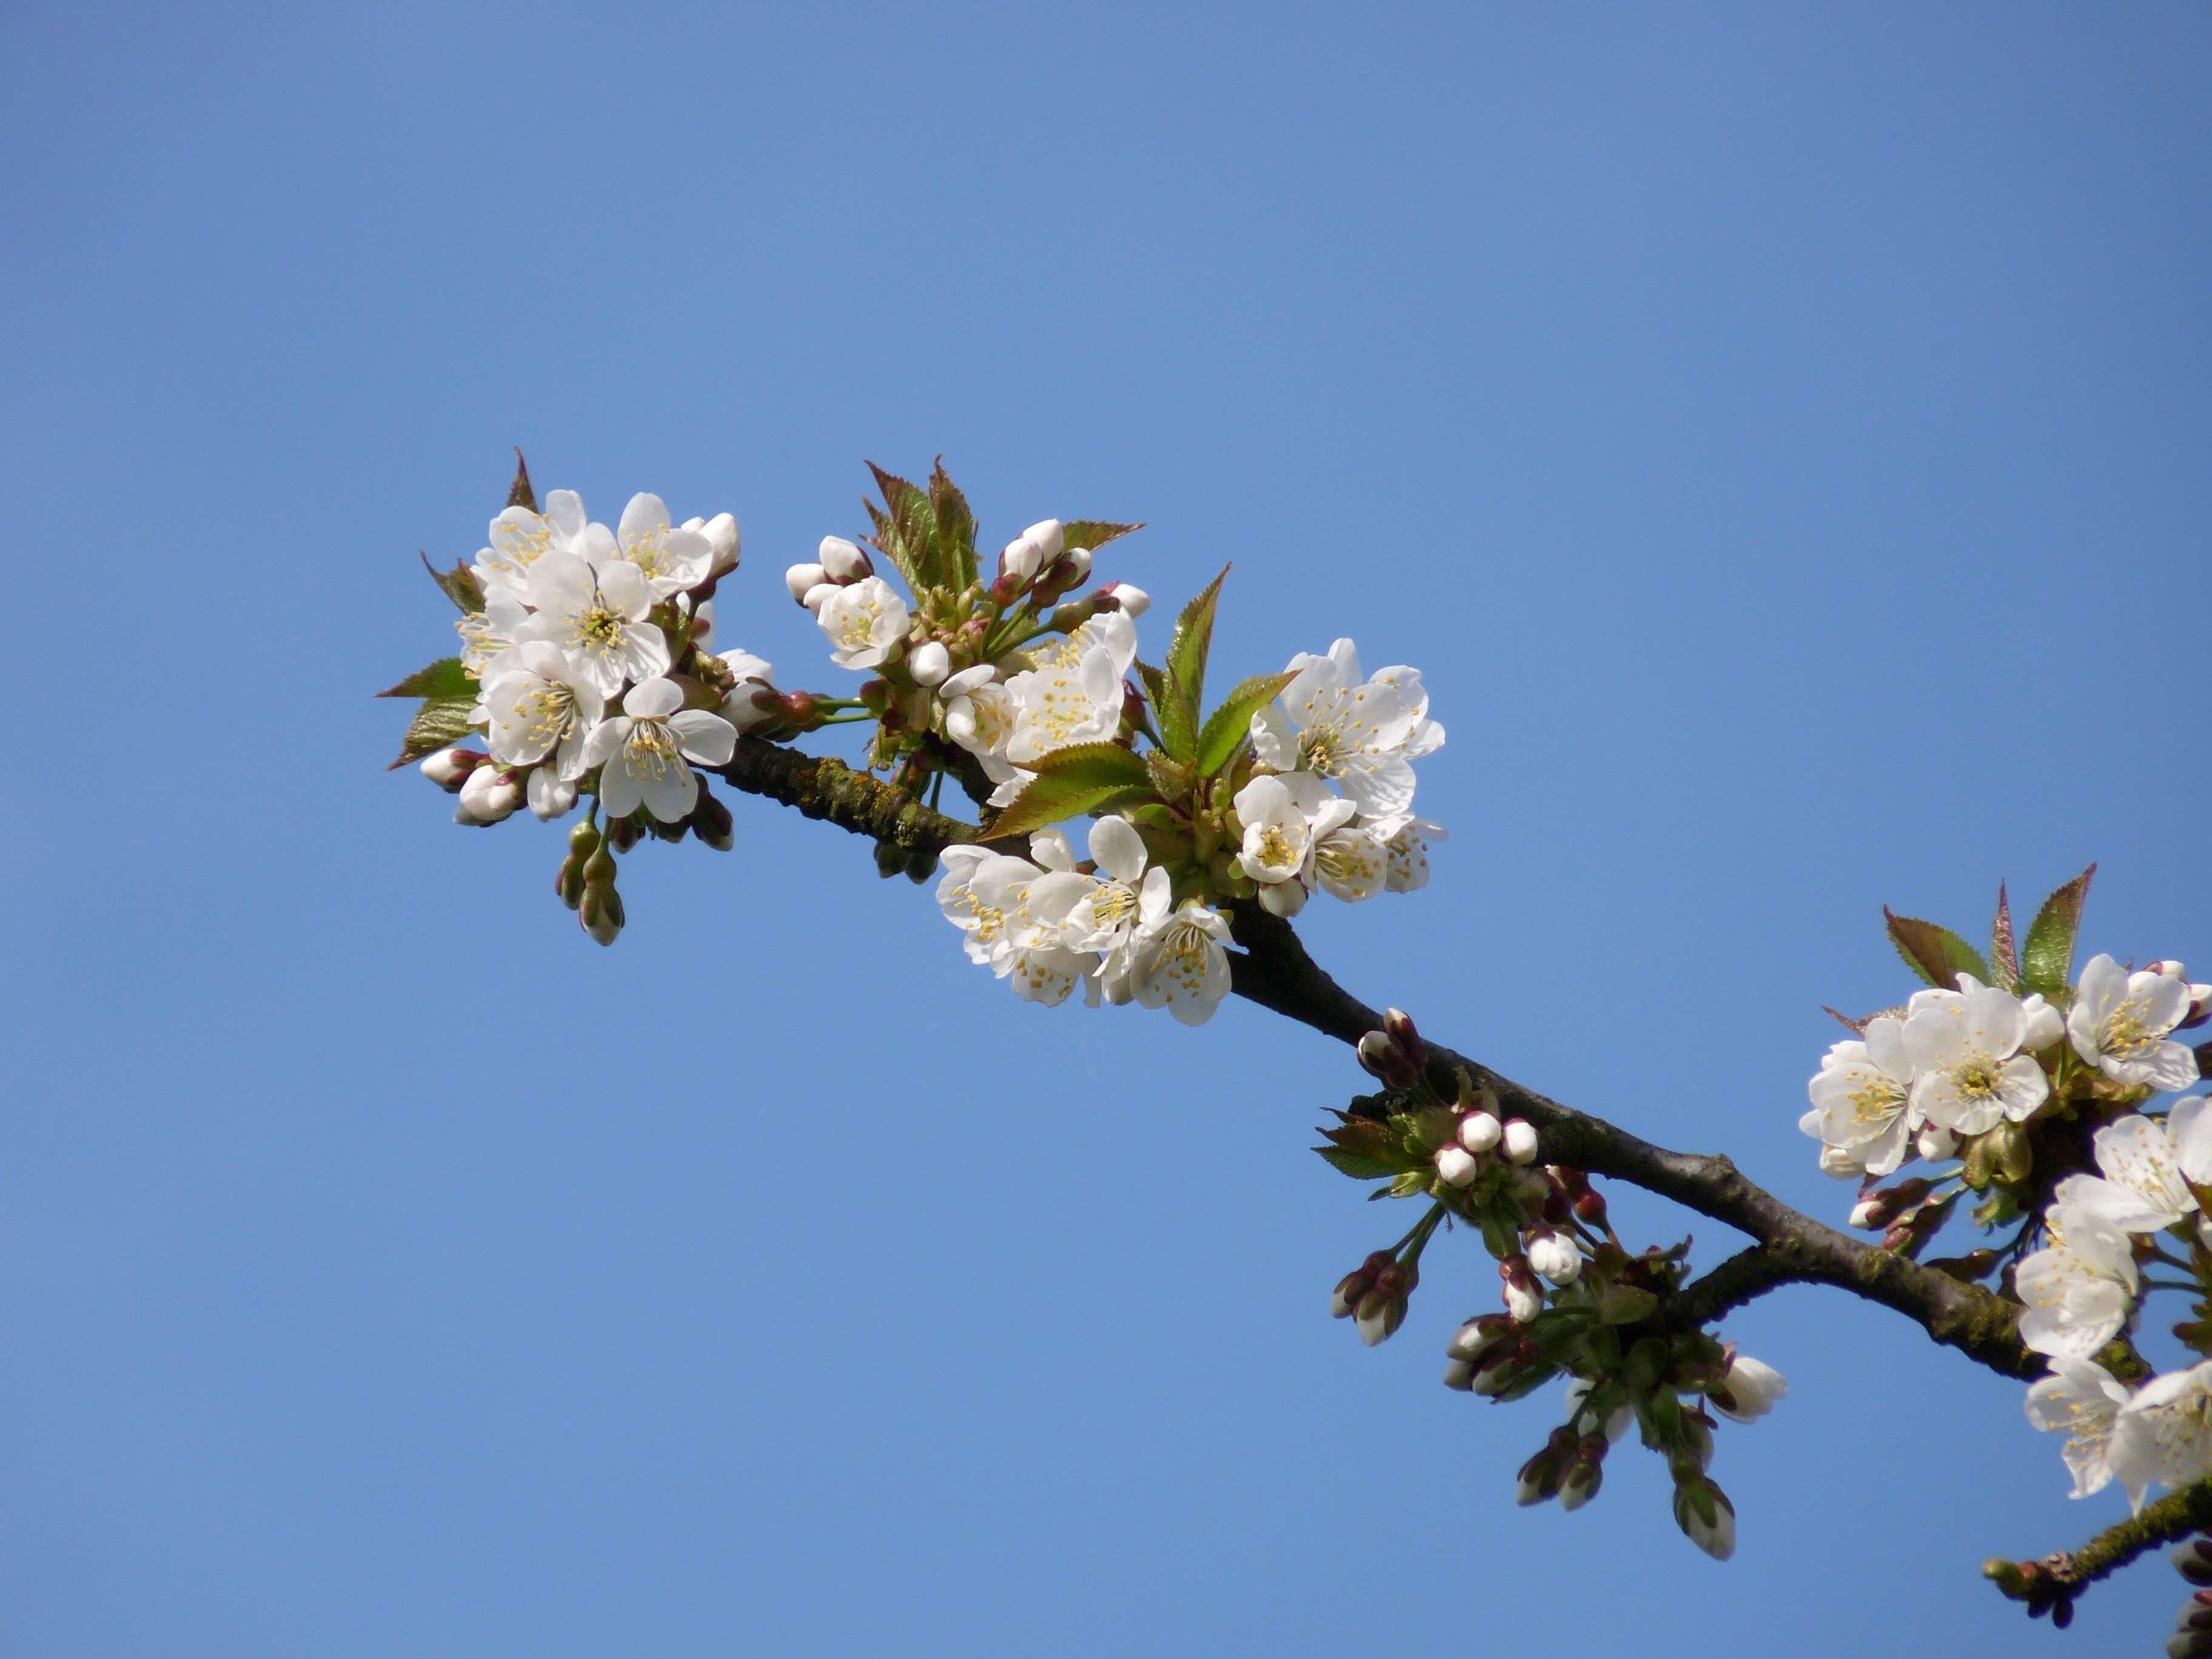 Bloom Blossom Branch Cherry Cherry Blossom Frhlingsanfang Fruit Tree Nature Pink Sky Spring Spring Flower Tree White White Flower Bloemen